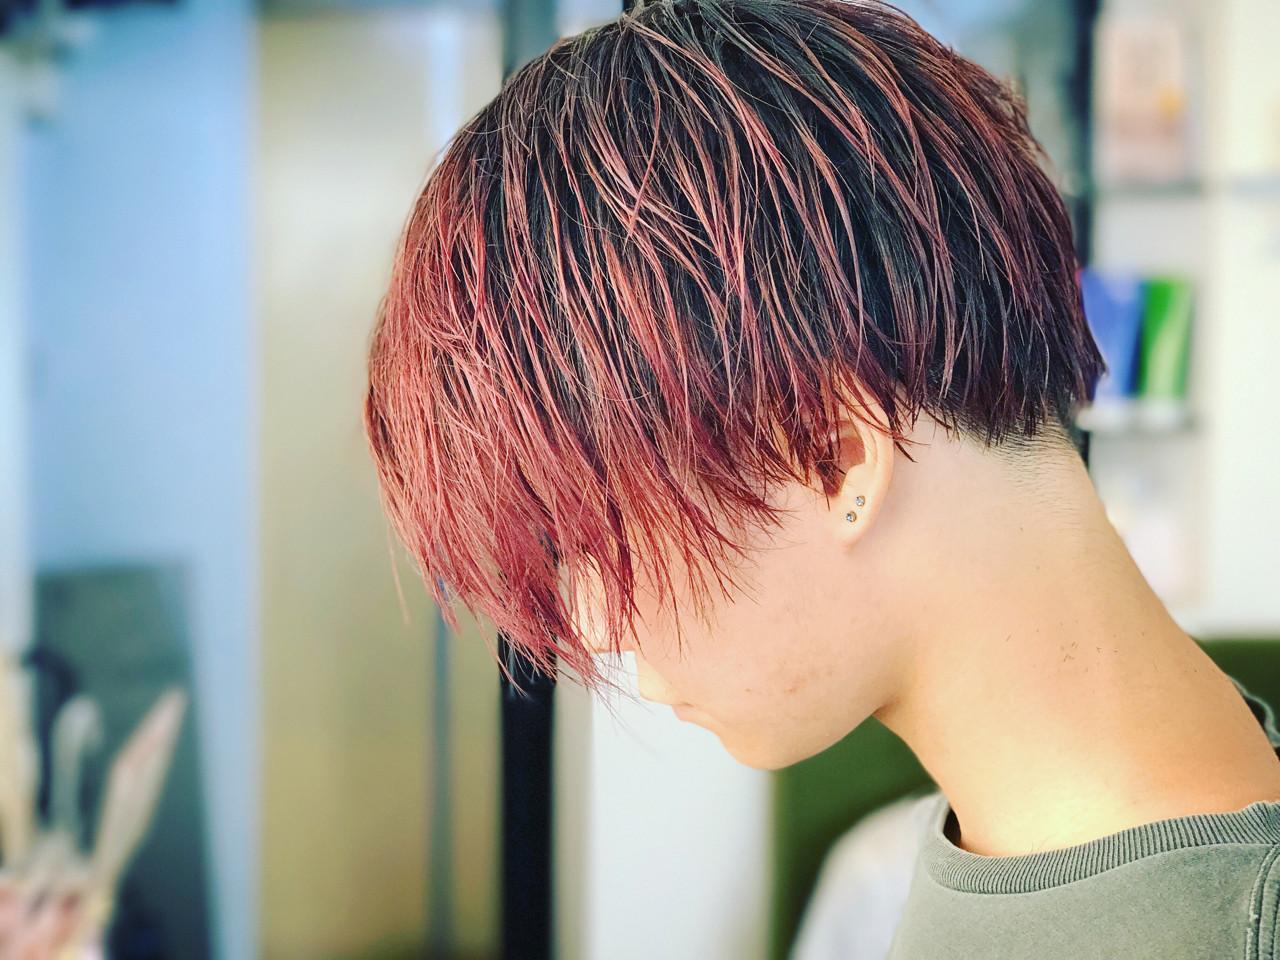 レッド かっこいい ボブ ピンク ヘアスタイルや髪型の写真・画像 | カワマタ リョウスケ / w h i t e . 梅田